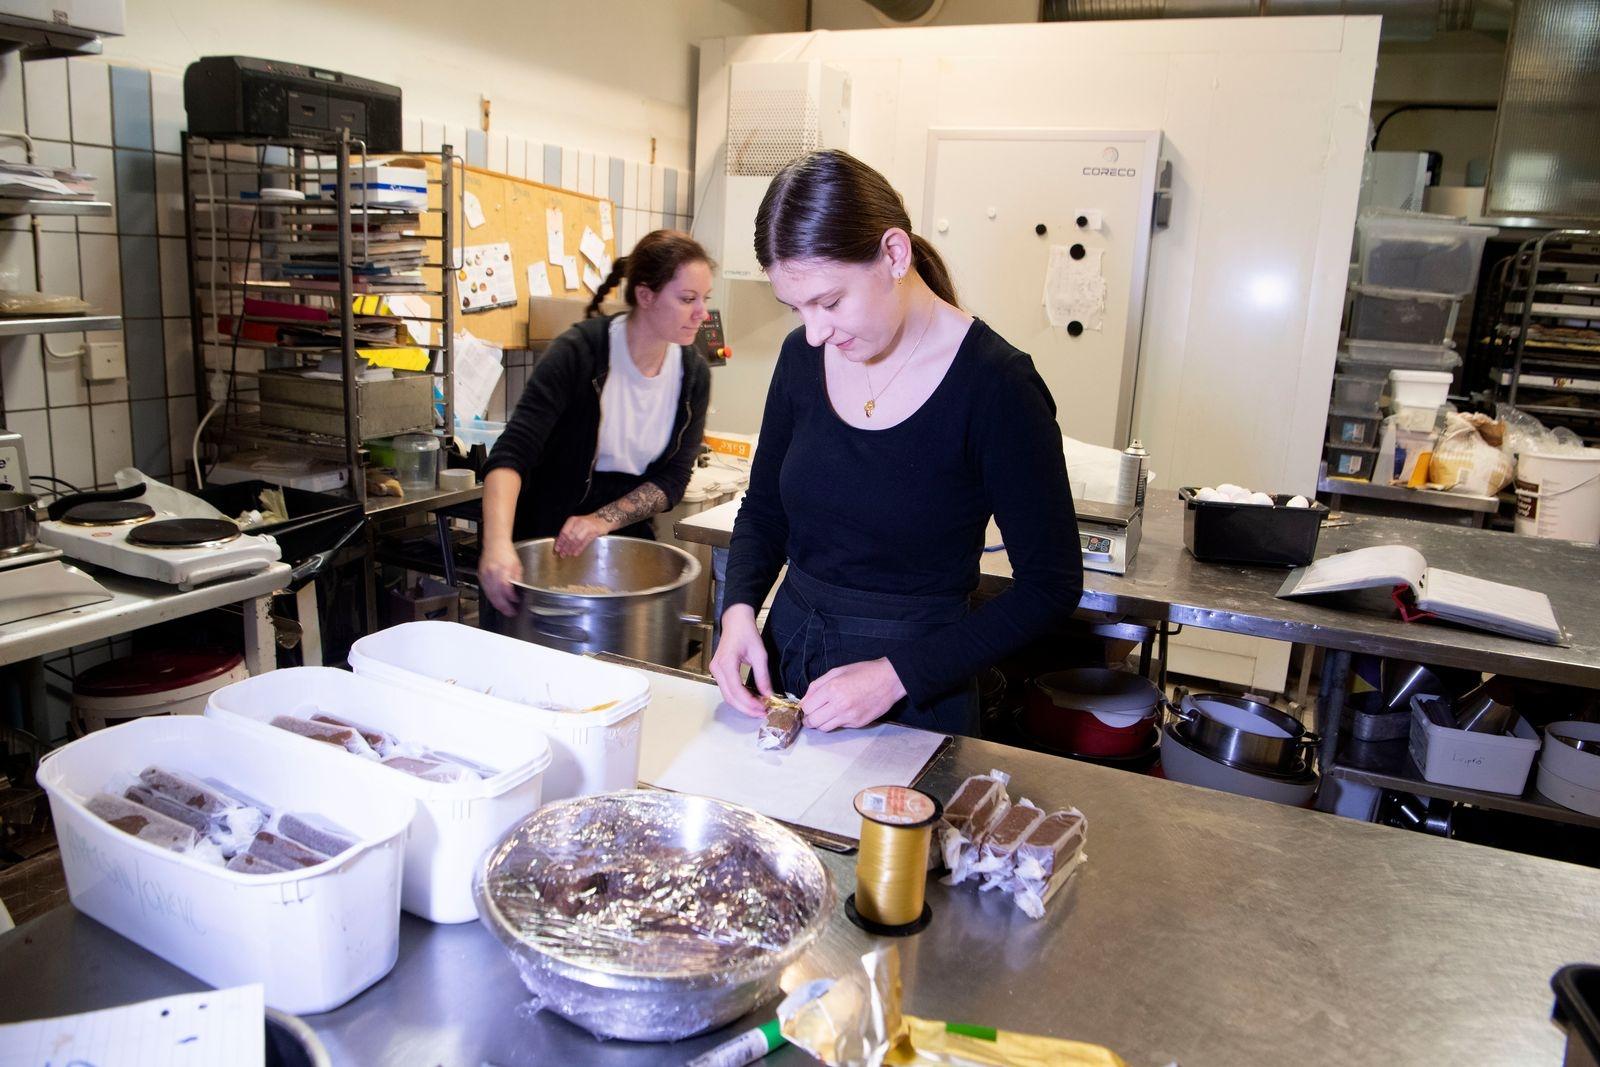 Malva Grekula utbildar sig till konditor. Här binder hon fina band kring kolorna Lisa Linghäll har kokat ihop.